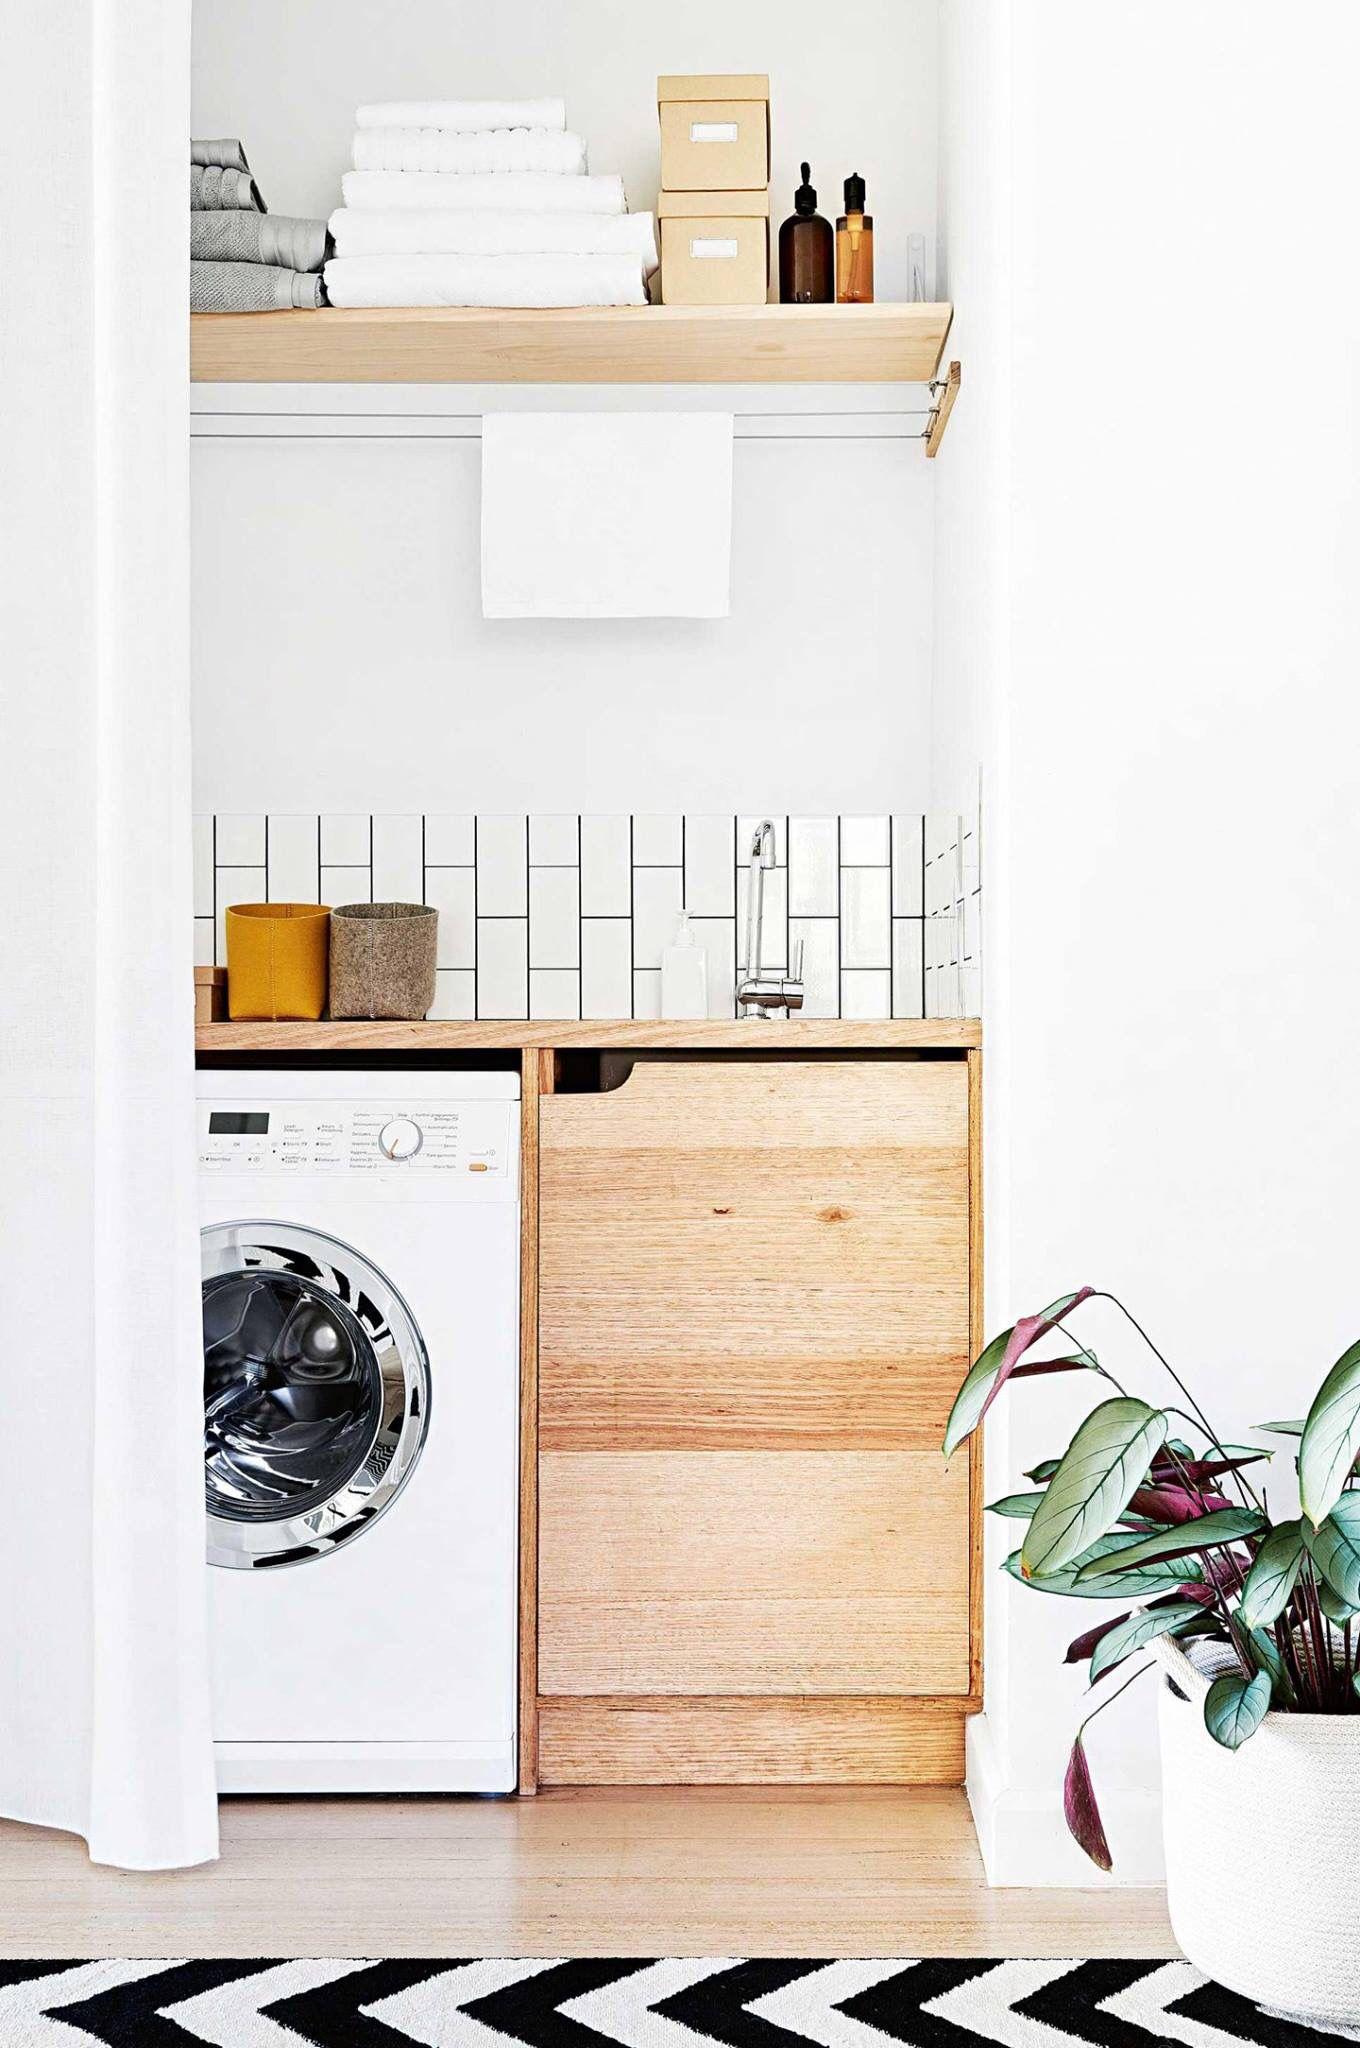 Küche mit Holz und Fliesen   Haus - Küche   Pinterest   Haus küchen ...